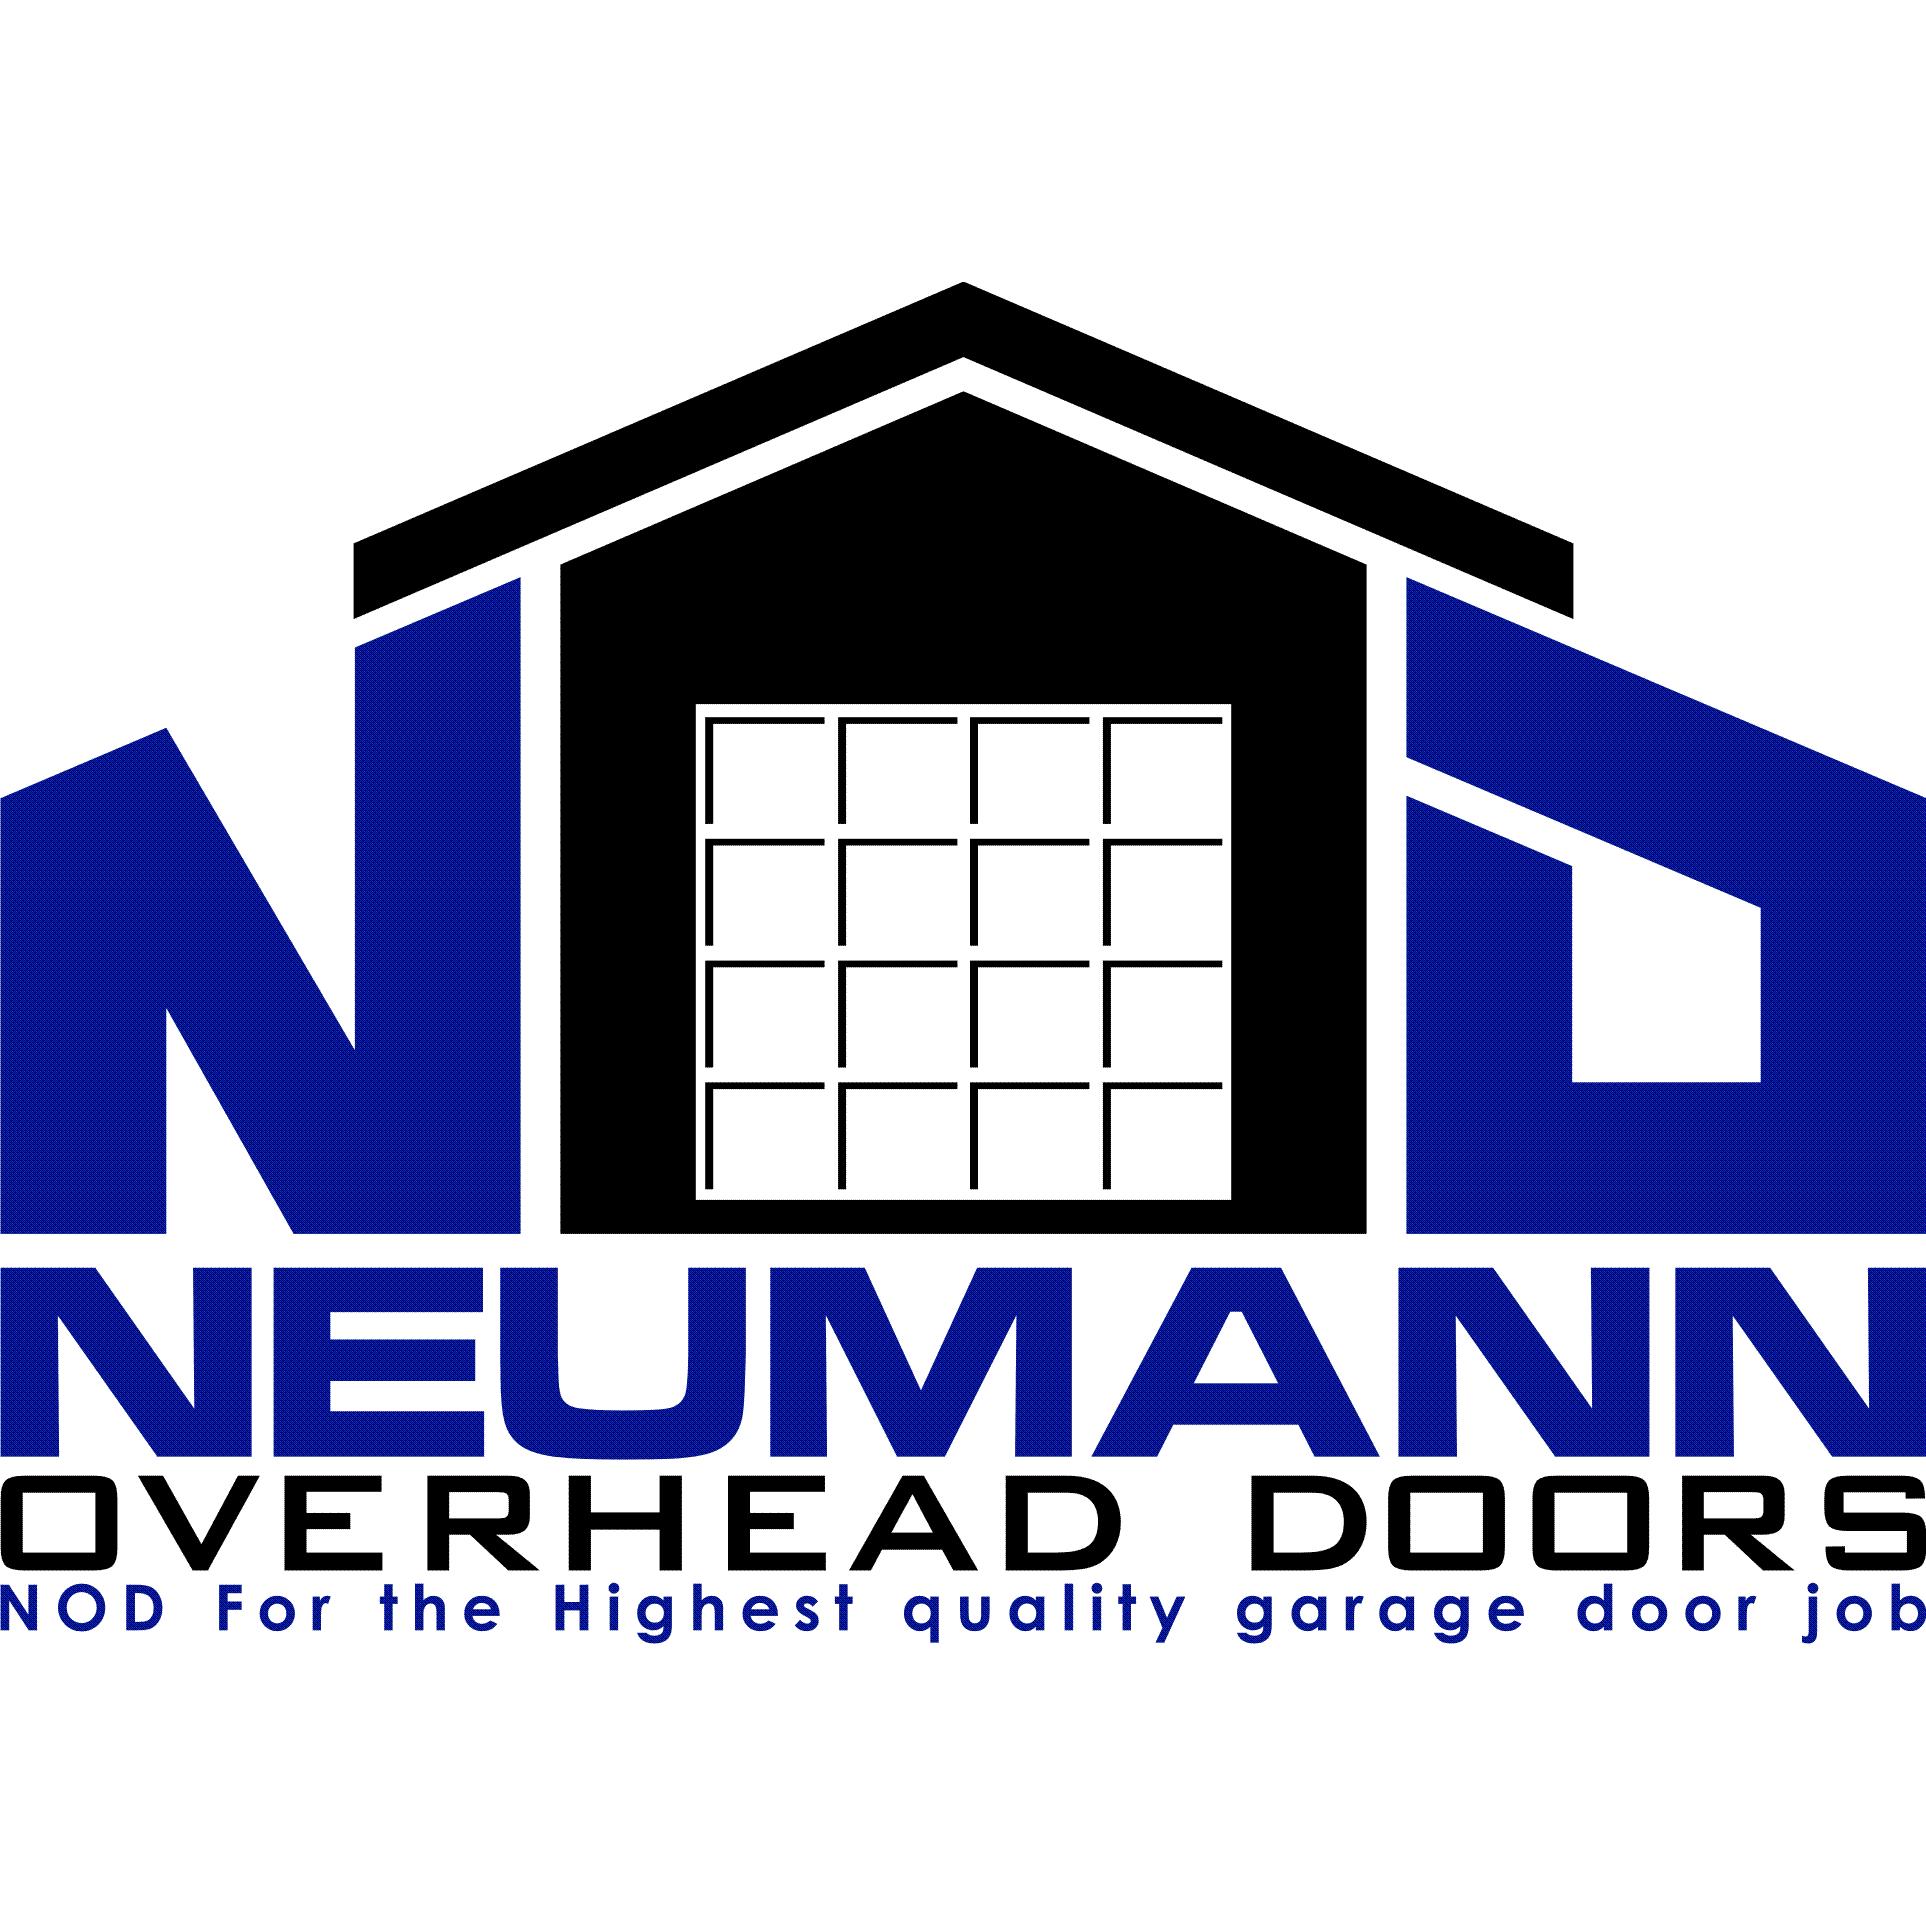 Neumann Overhead Doors